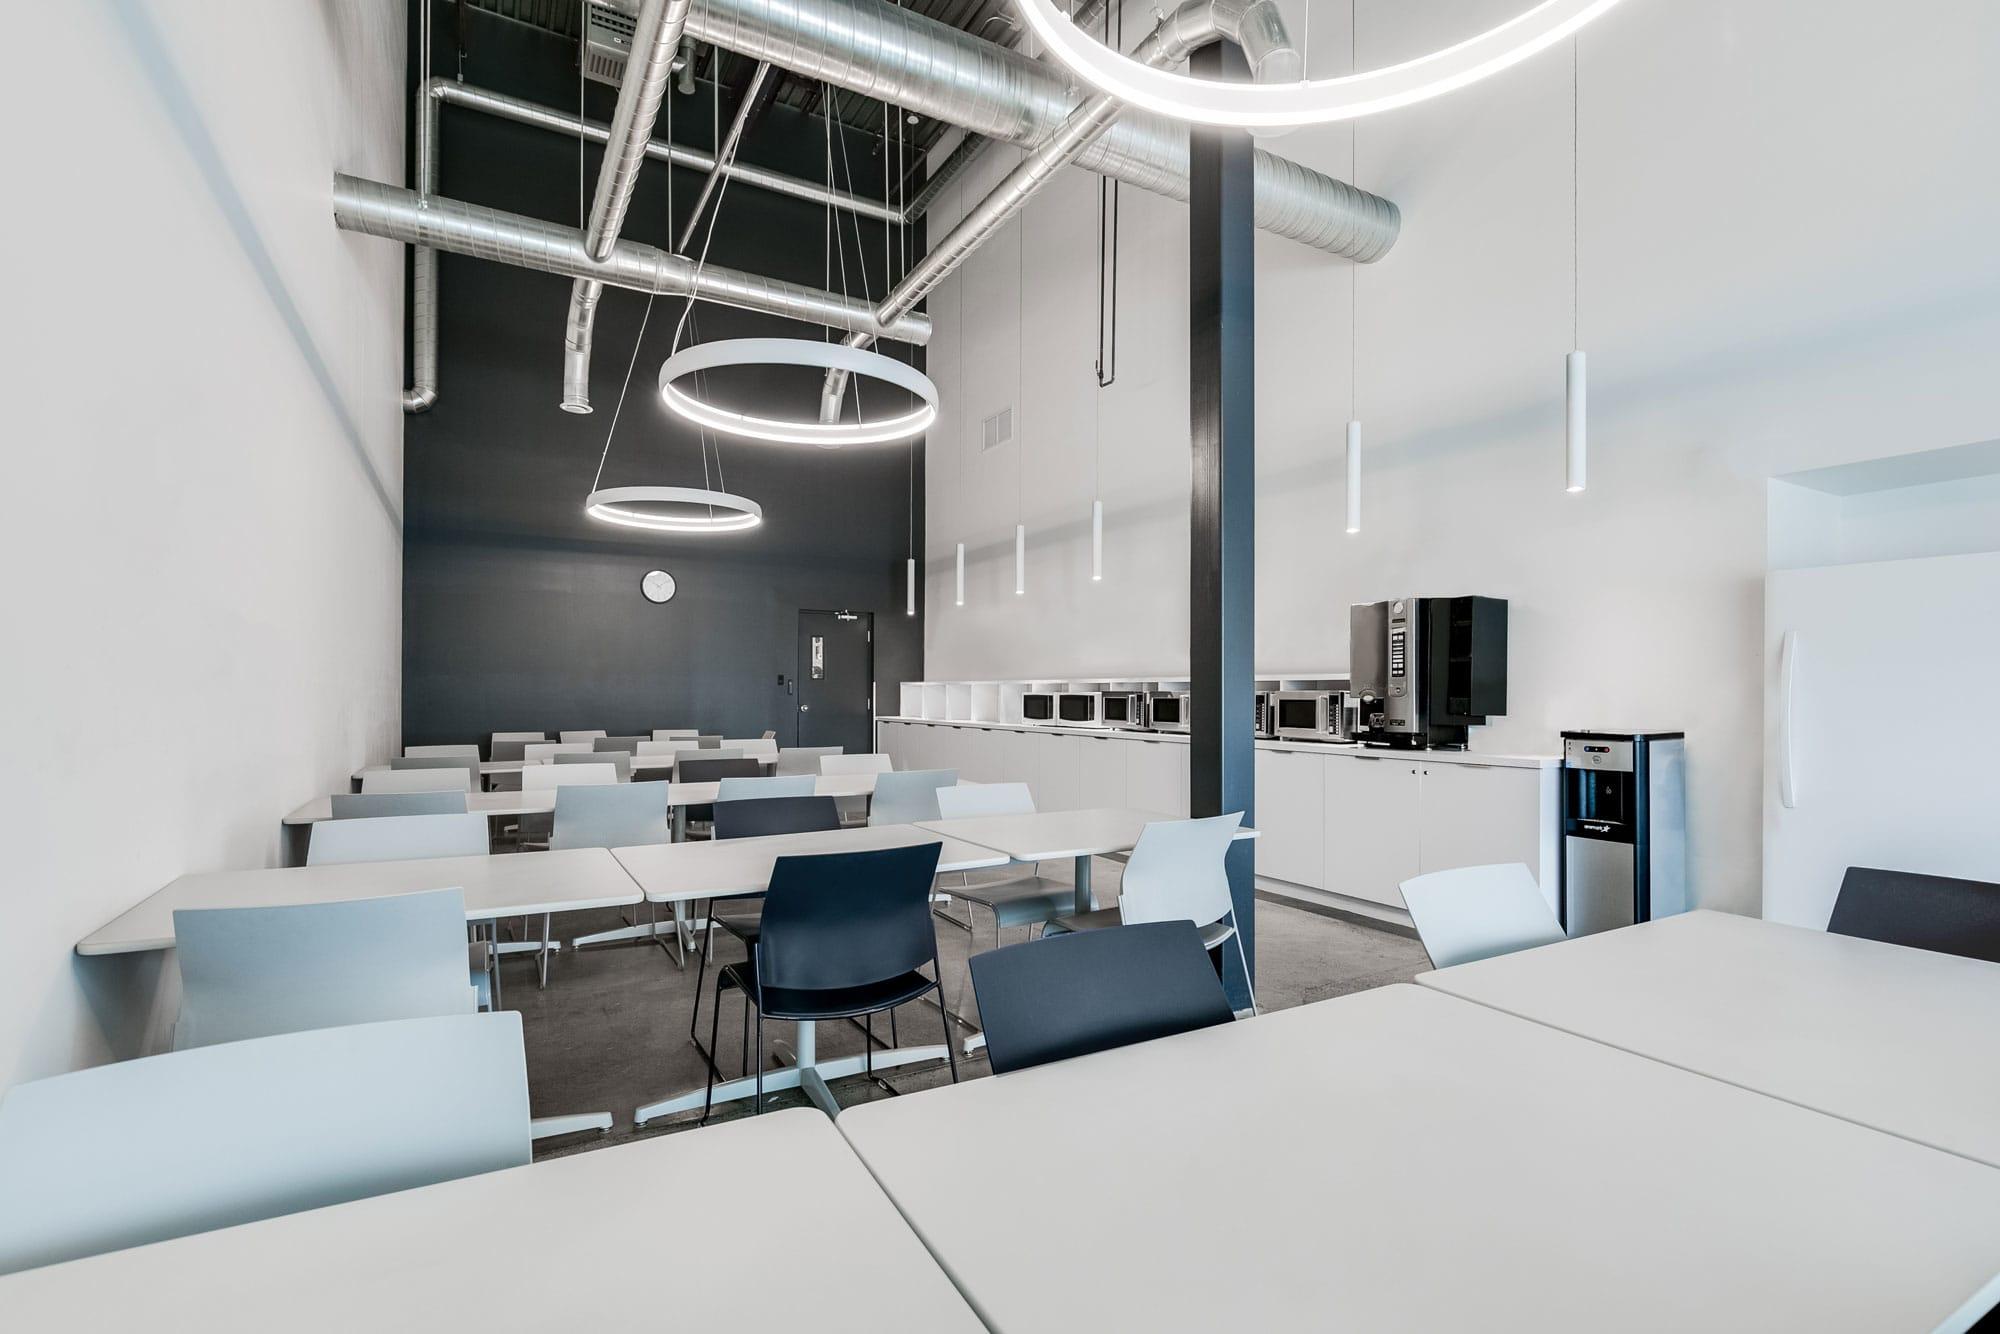 cafétéria/ salle d'employés dans une entreprise nouvellement rénovée